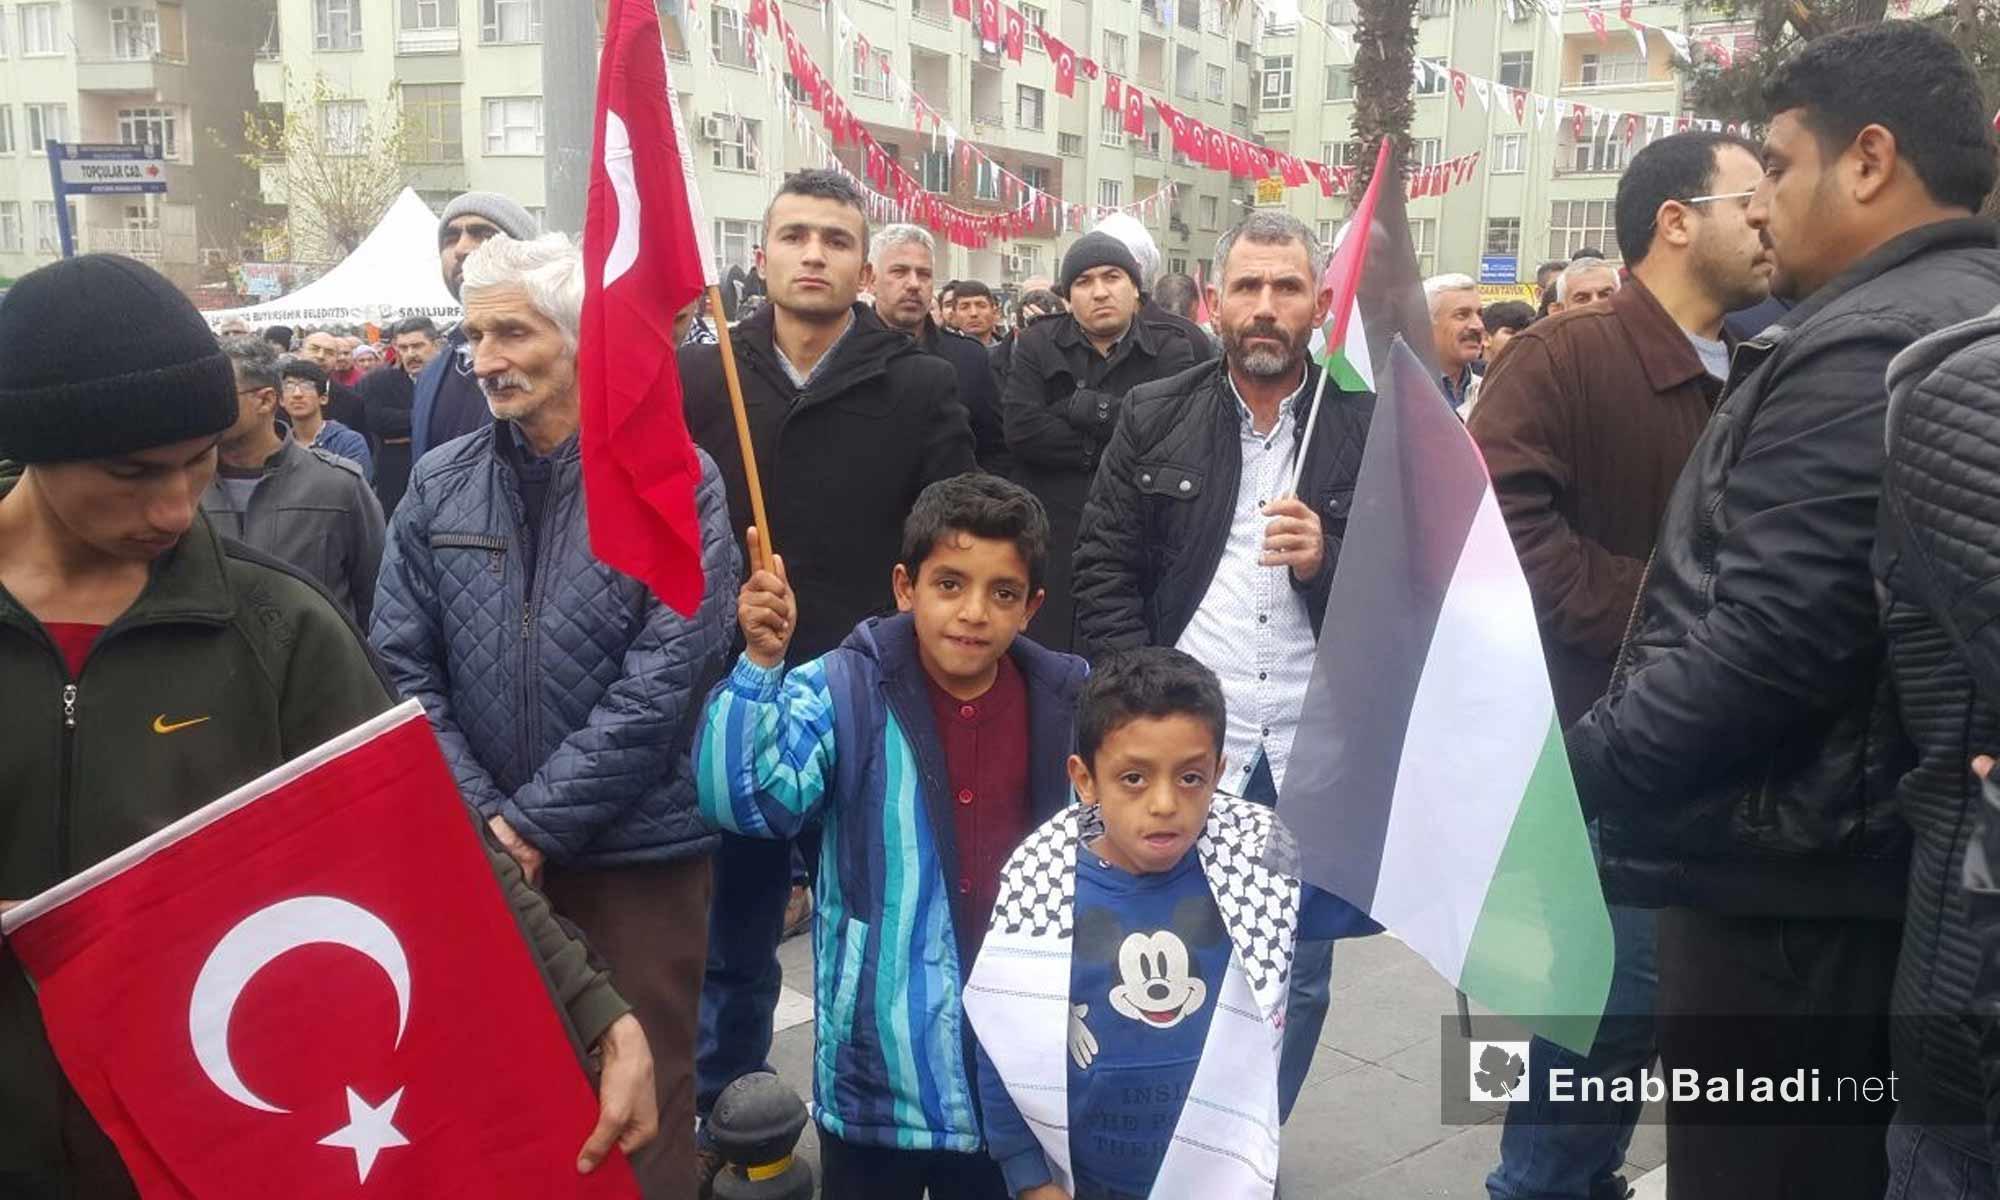 أتراك وسوريون في أورفة التركية يرفضون قرار ترامب حول القدس - 24 كانون الأول 2017 (عنب بلدي)